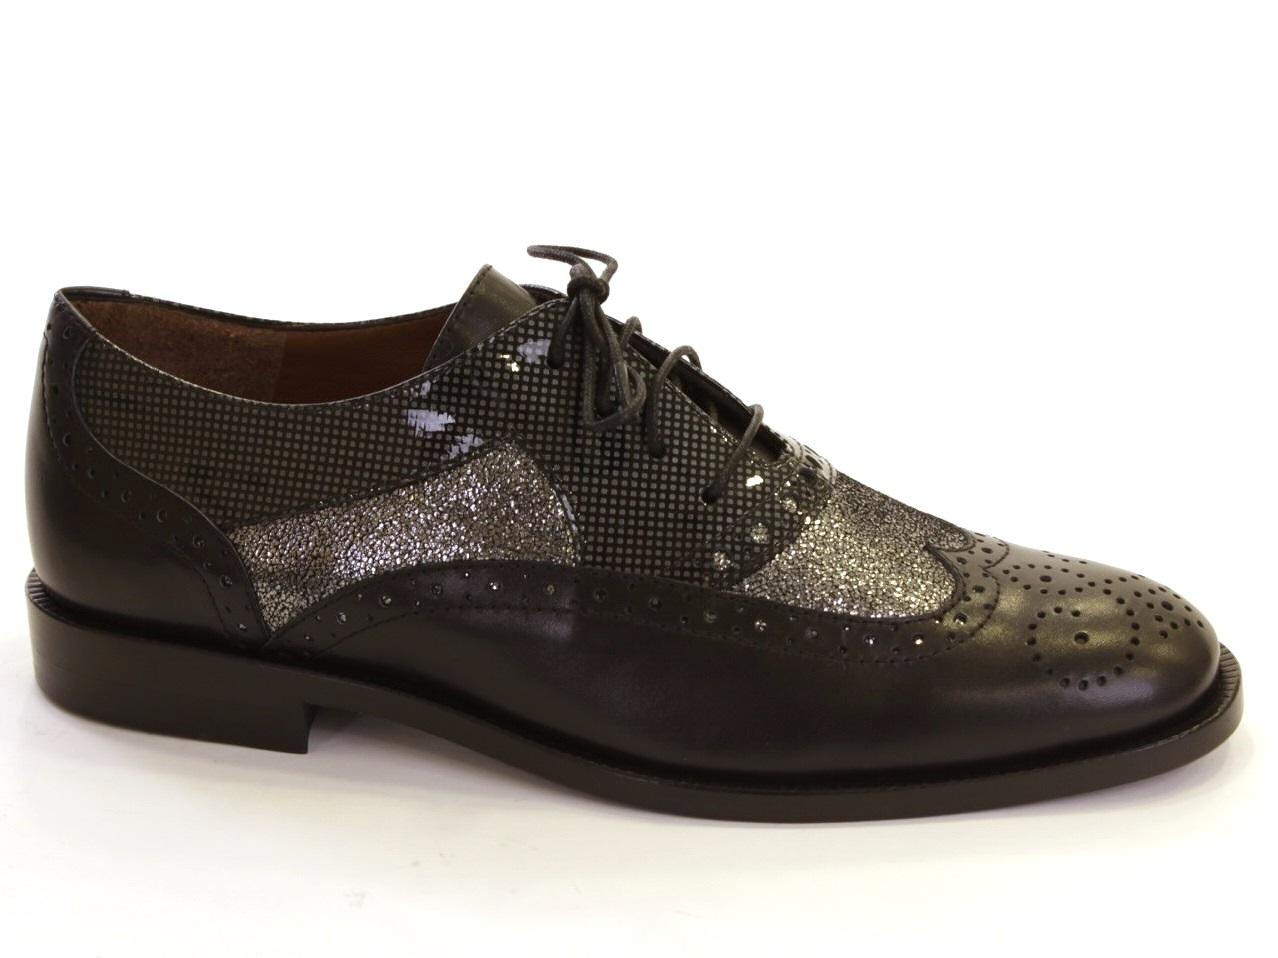 Sapatos Baixos, Sabrinas, Mocassins Helsar - 032 8406